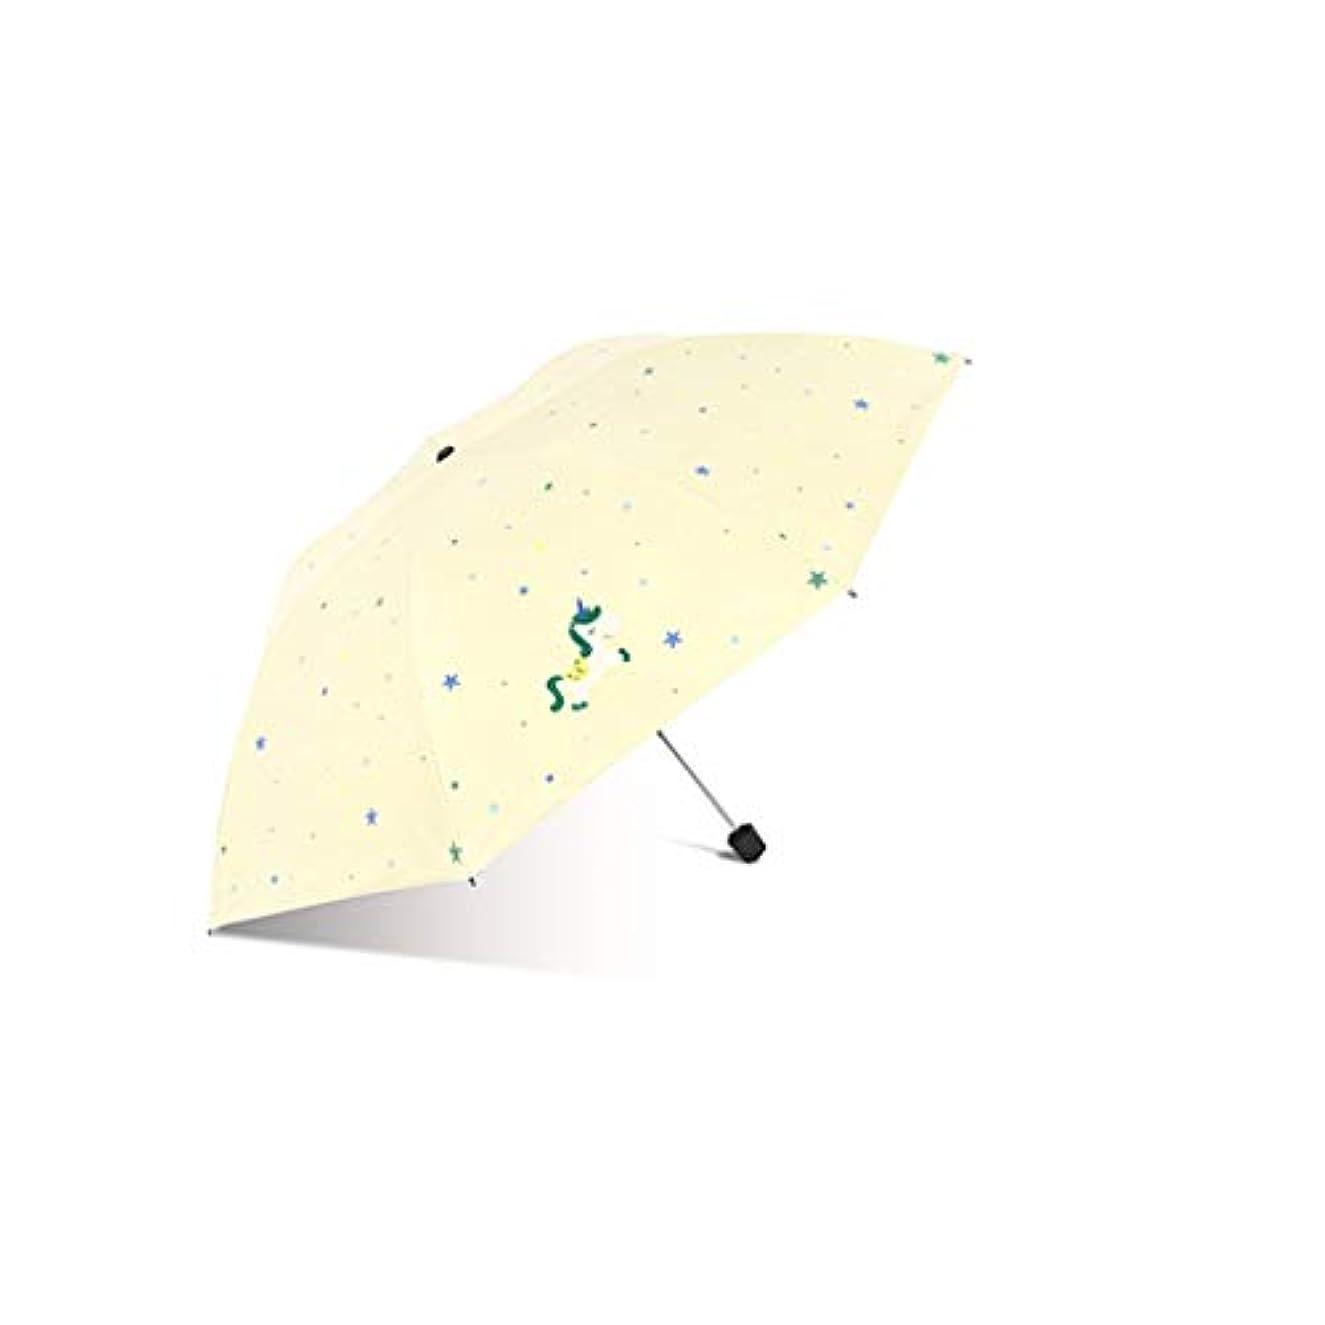 乱暴な小売奨励日傘、自動開閉開閉トラベル傘強化換気と防風フレームポータブルコンパクト折りたたみ式軽量設計と高風抵抗(ブルー) (Color : Yellow, Size : L)